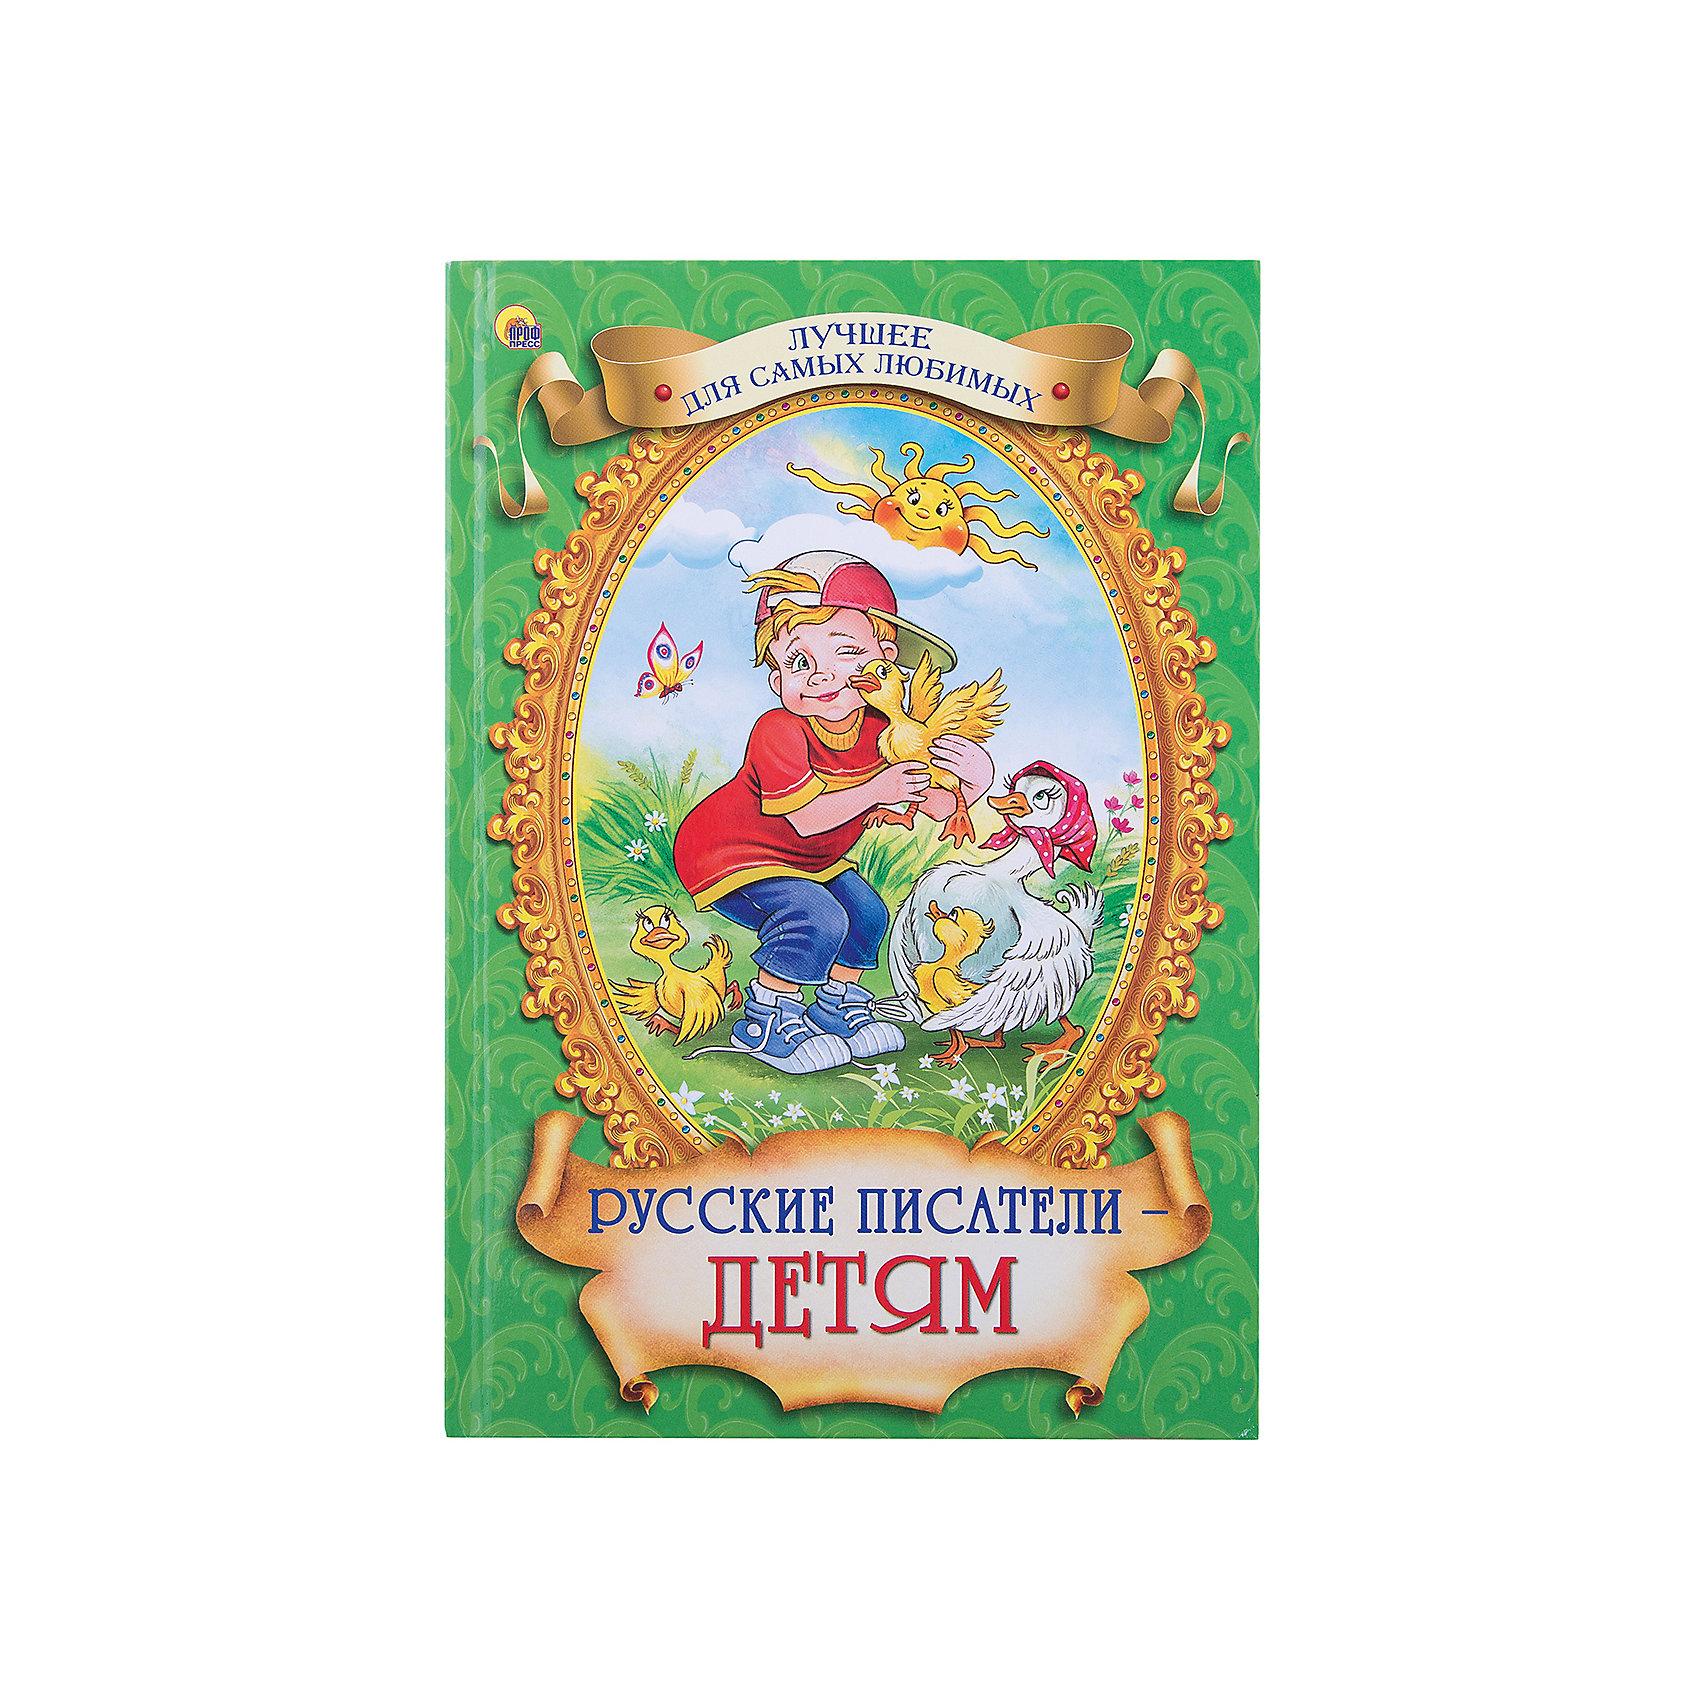 Сборник Русские писатели - детям, А. Чехов, Л. Толстой и др.Русские сказки<br>Данная серия собрала рассказы и сказки, проверенные многими поколениями, которые понравятся и современным детям. Книги - это лучший подарок не только взрослым, они помогают детям познавать мир и учиться читать, также книги позволяют ребенку весело проводить время. Они также стимулируют развитие воображения, логики и творческого мышления.<br>Это издание очень красиво оформлено, в него вошли самые интересные произведения. Яркие картинки обязательно понравятся малышам! Книга сделана из качественных и безопасных для детей материалов.<br>  <br>Дополнительная информация:<br><br>размер: 170x246 мм;<br>вес: 281 г.<br><br>Книгу Русские писатели - детям, А. Чехов, Л. Толстой и др. от издательства Проф-Пресс можно купить в нашем магазине.<br><br>Ширина мм: 170<br>Глубина мм: 13<br>Высота мм: 246<br>Вес г: 281<br>Возраст от месяцев: 0<br>Возраст до месяцев: 60<br>Пол: Унисекс<br>Возраст: Детский<br>SKU: 4787311